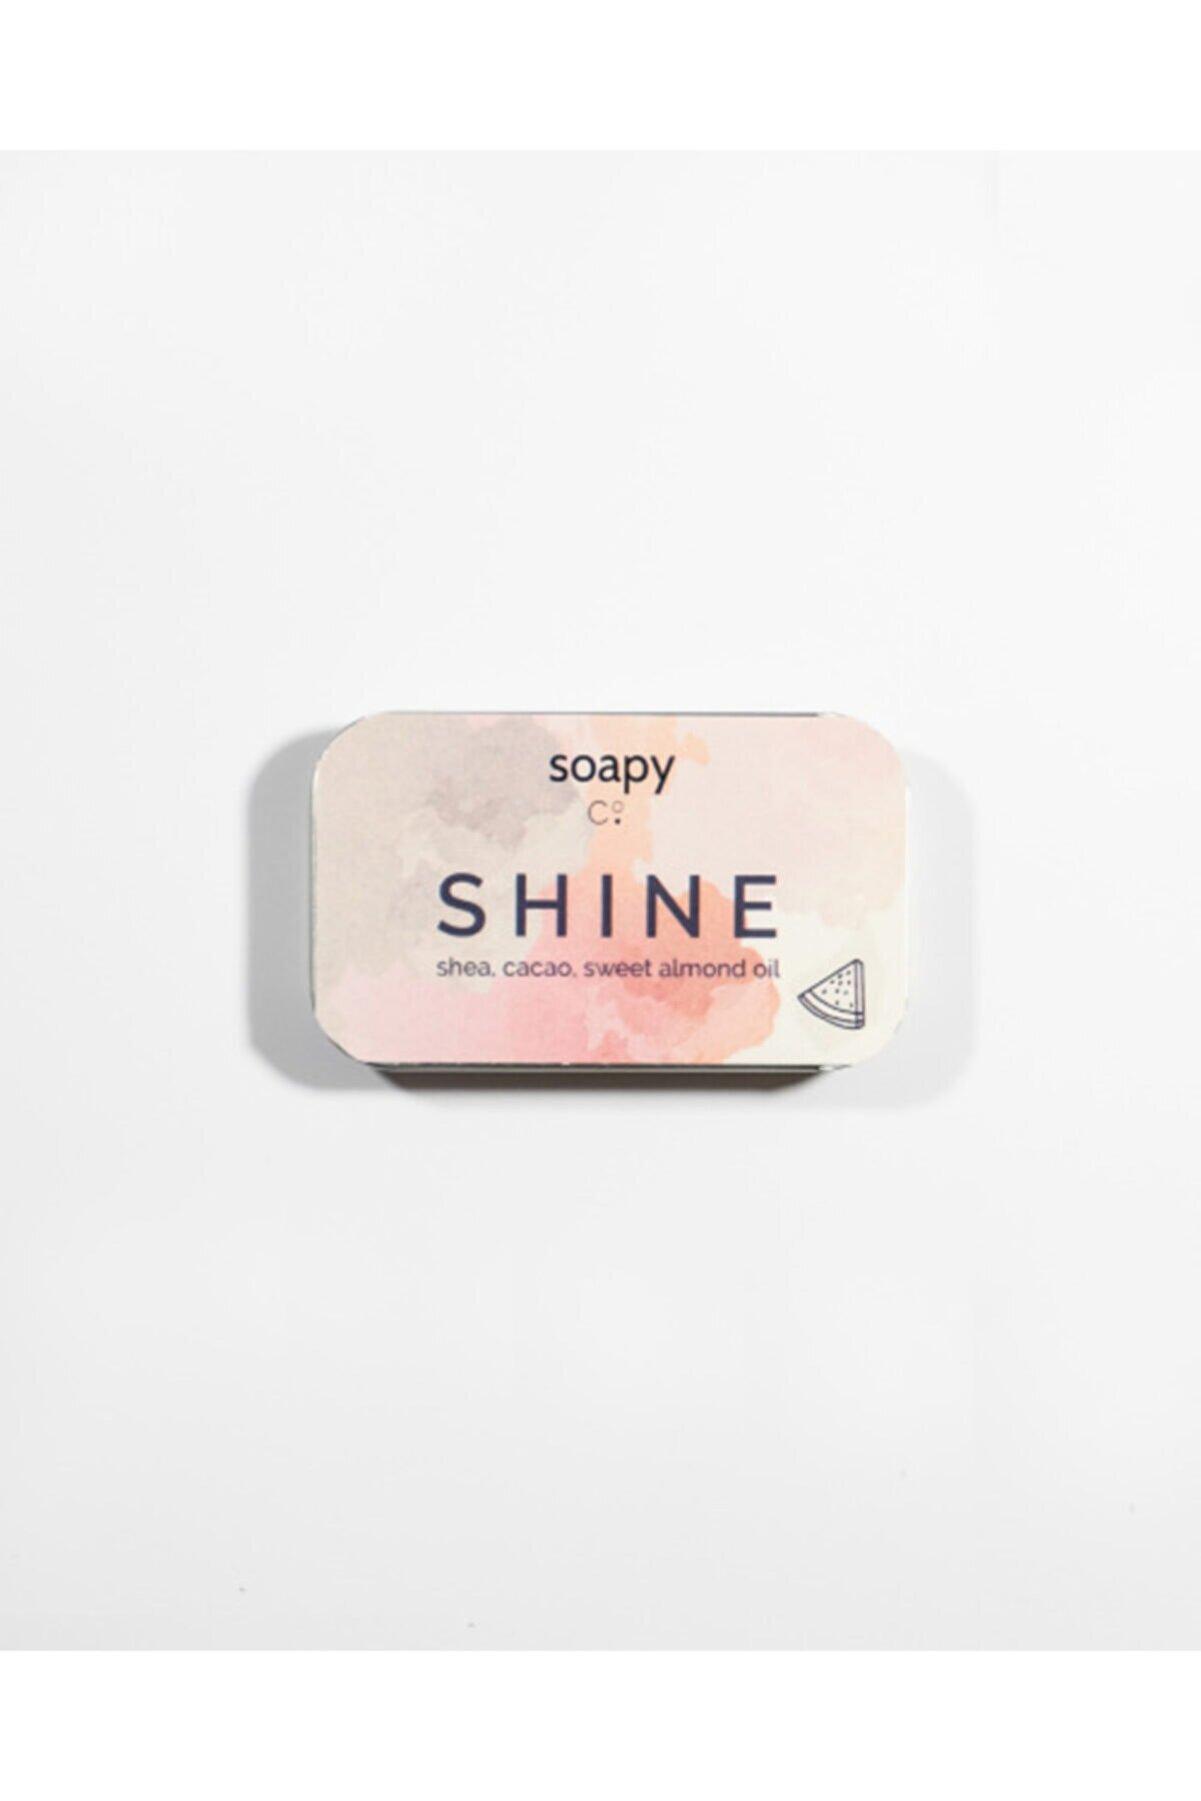 Soapy Co Shine Karpuzlu Lip Balm - Dudak Balmı 15 Gr